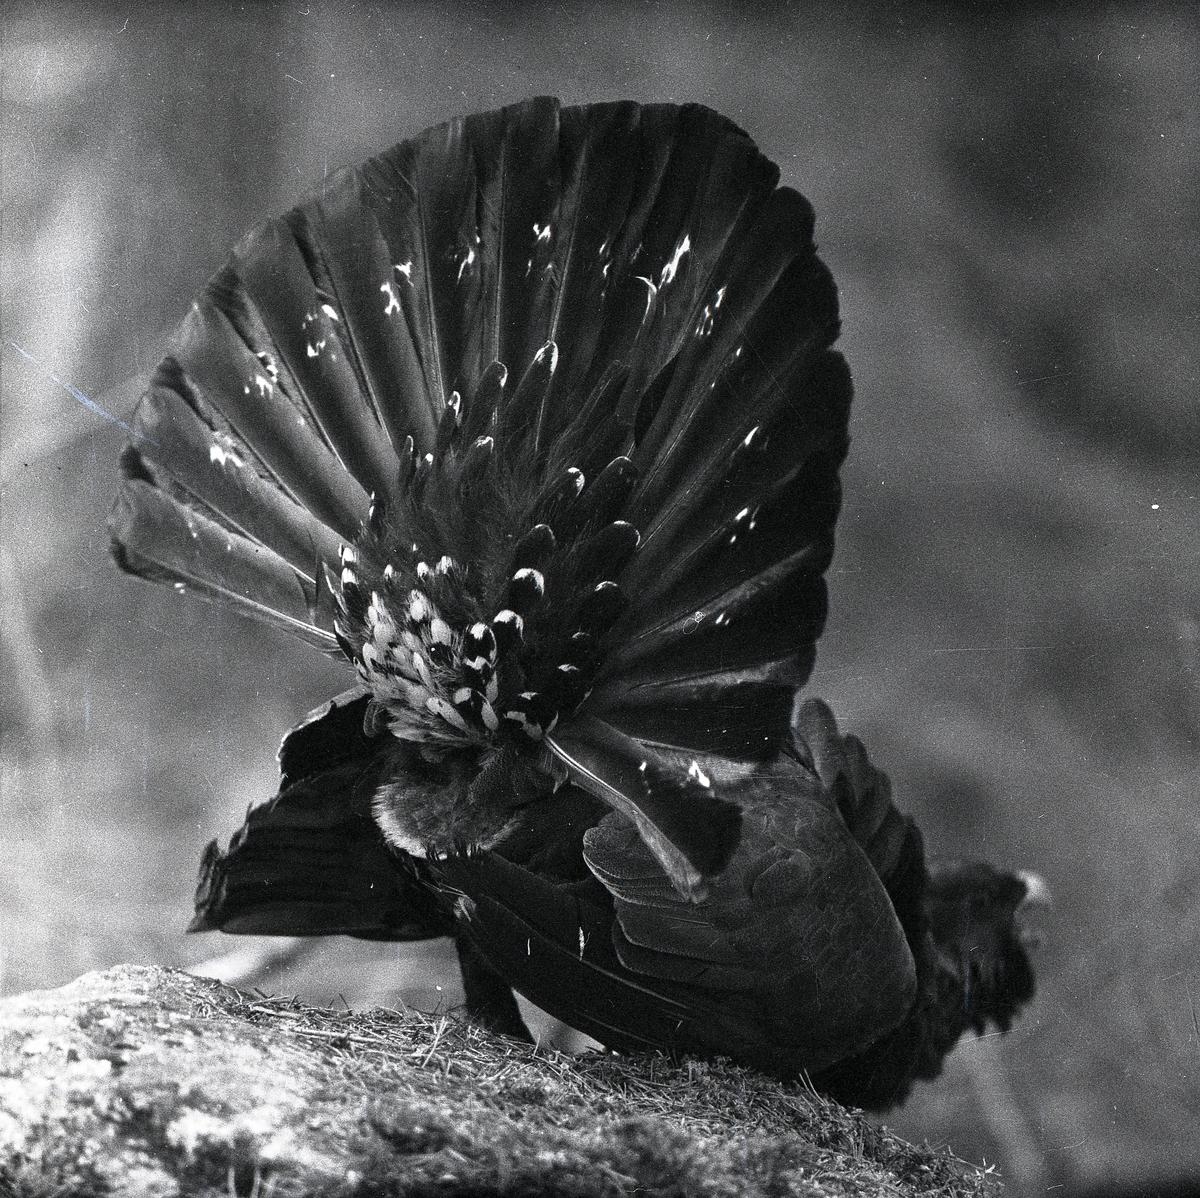 En tjäder med utbredda stjärtfjädrar står på en sten den 12 maj 1959.